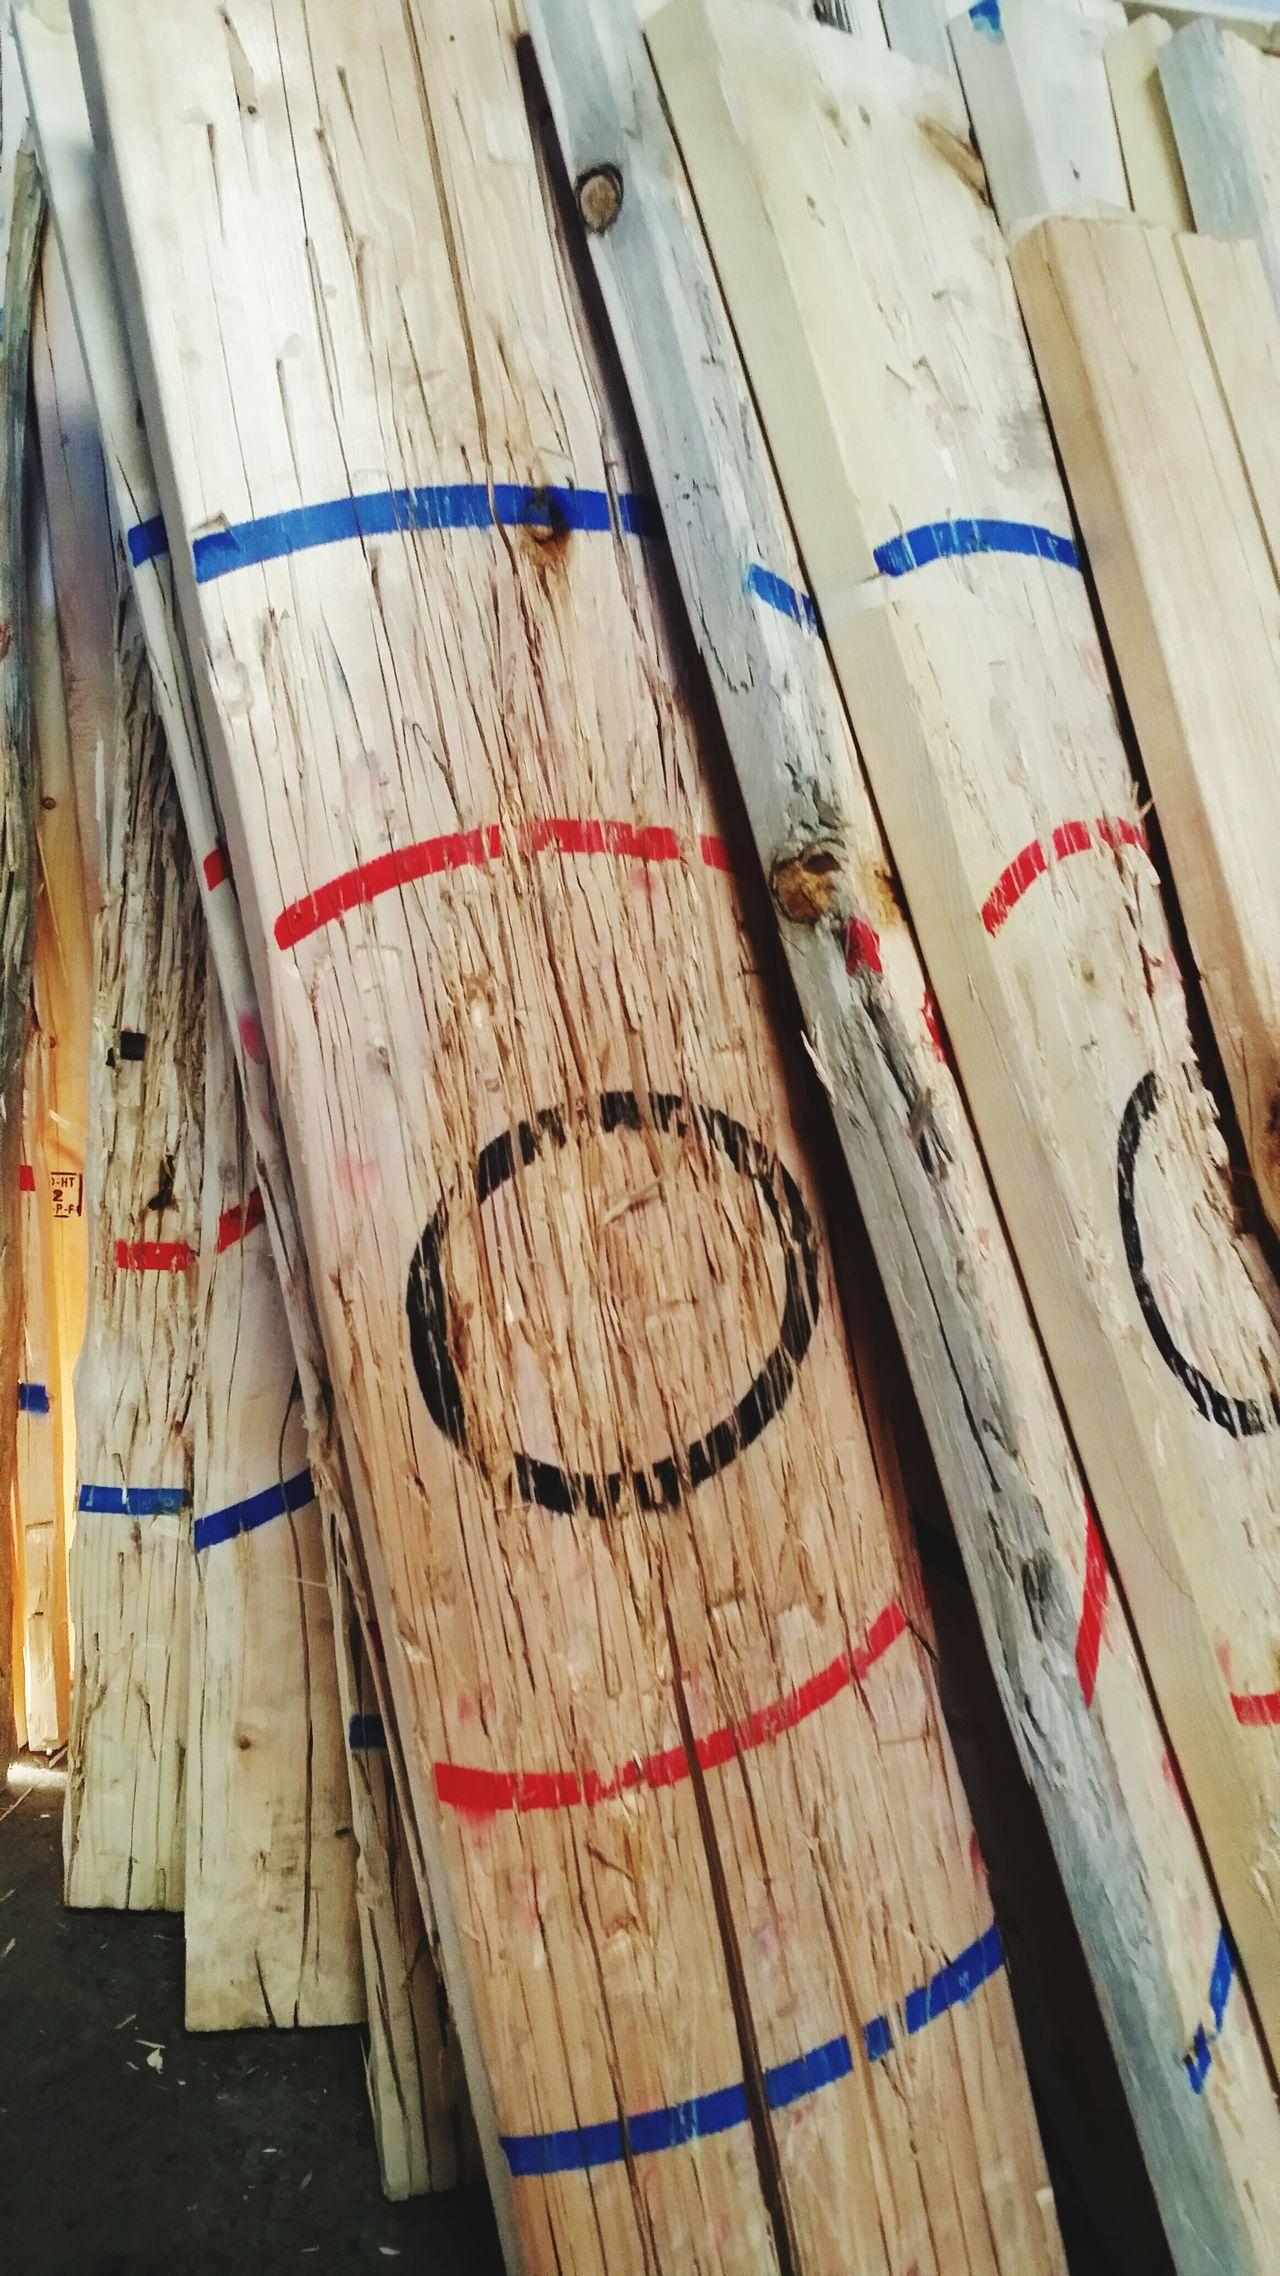 Bang On Target Bullseye Target Axe Throwing Splinter Wood